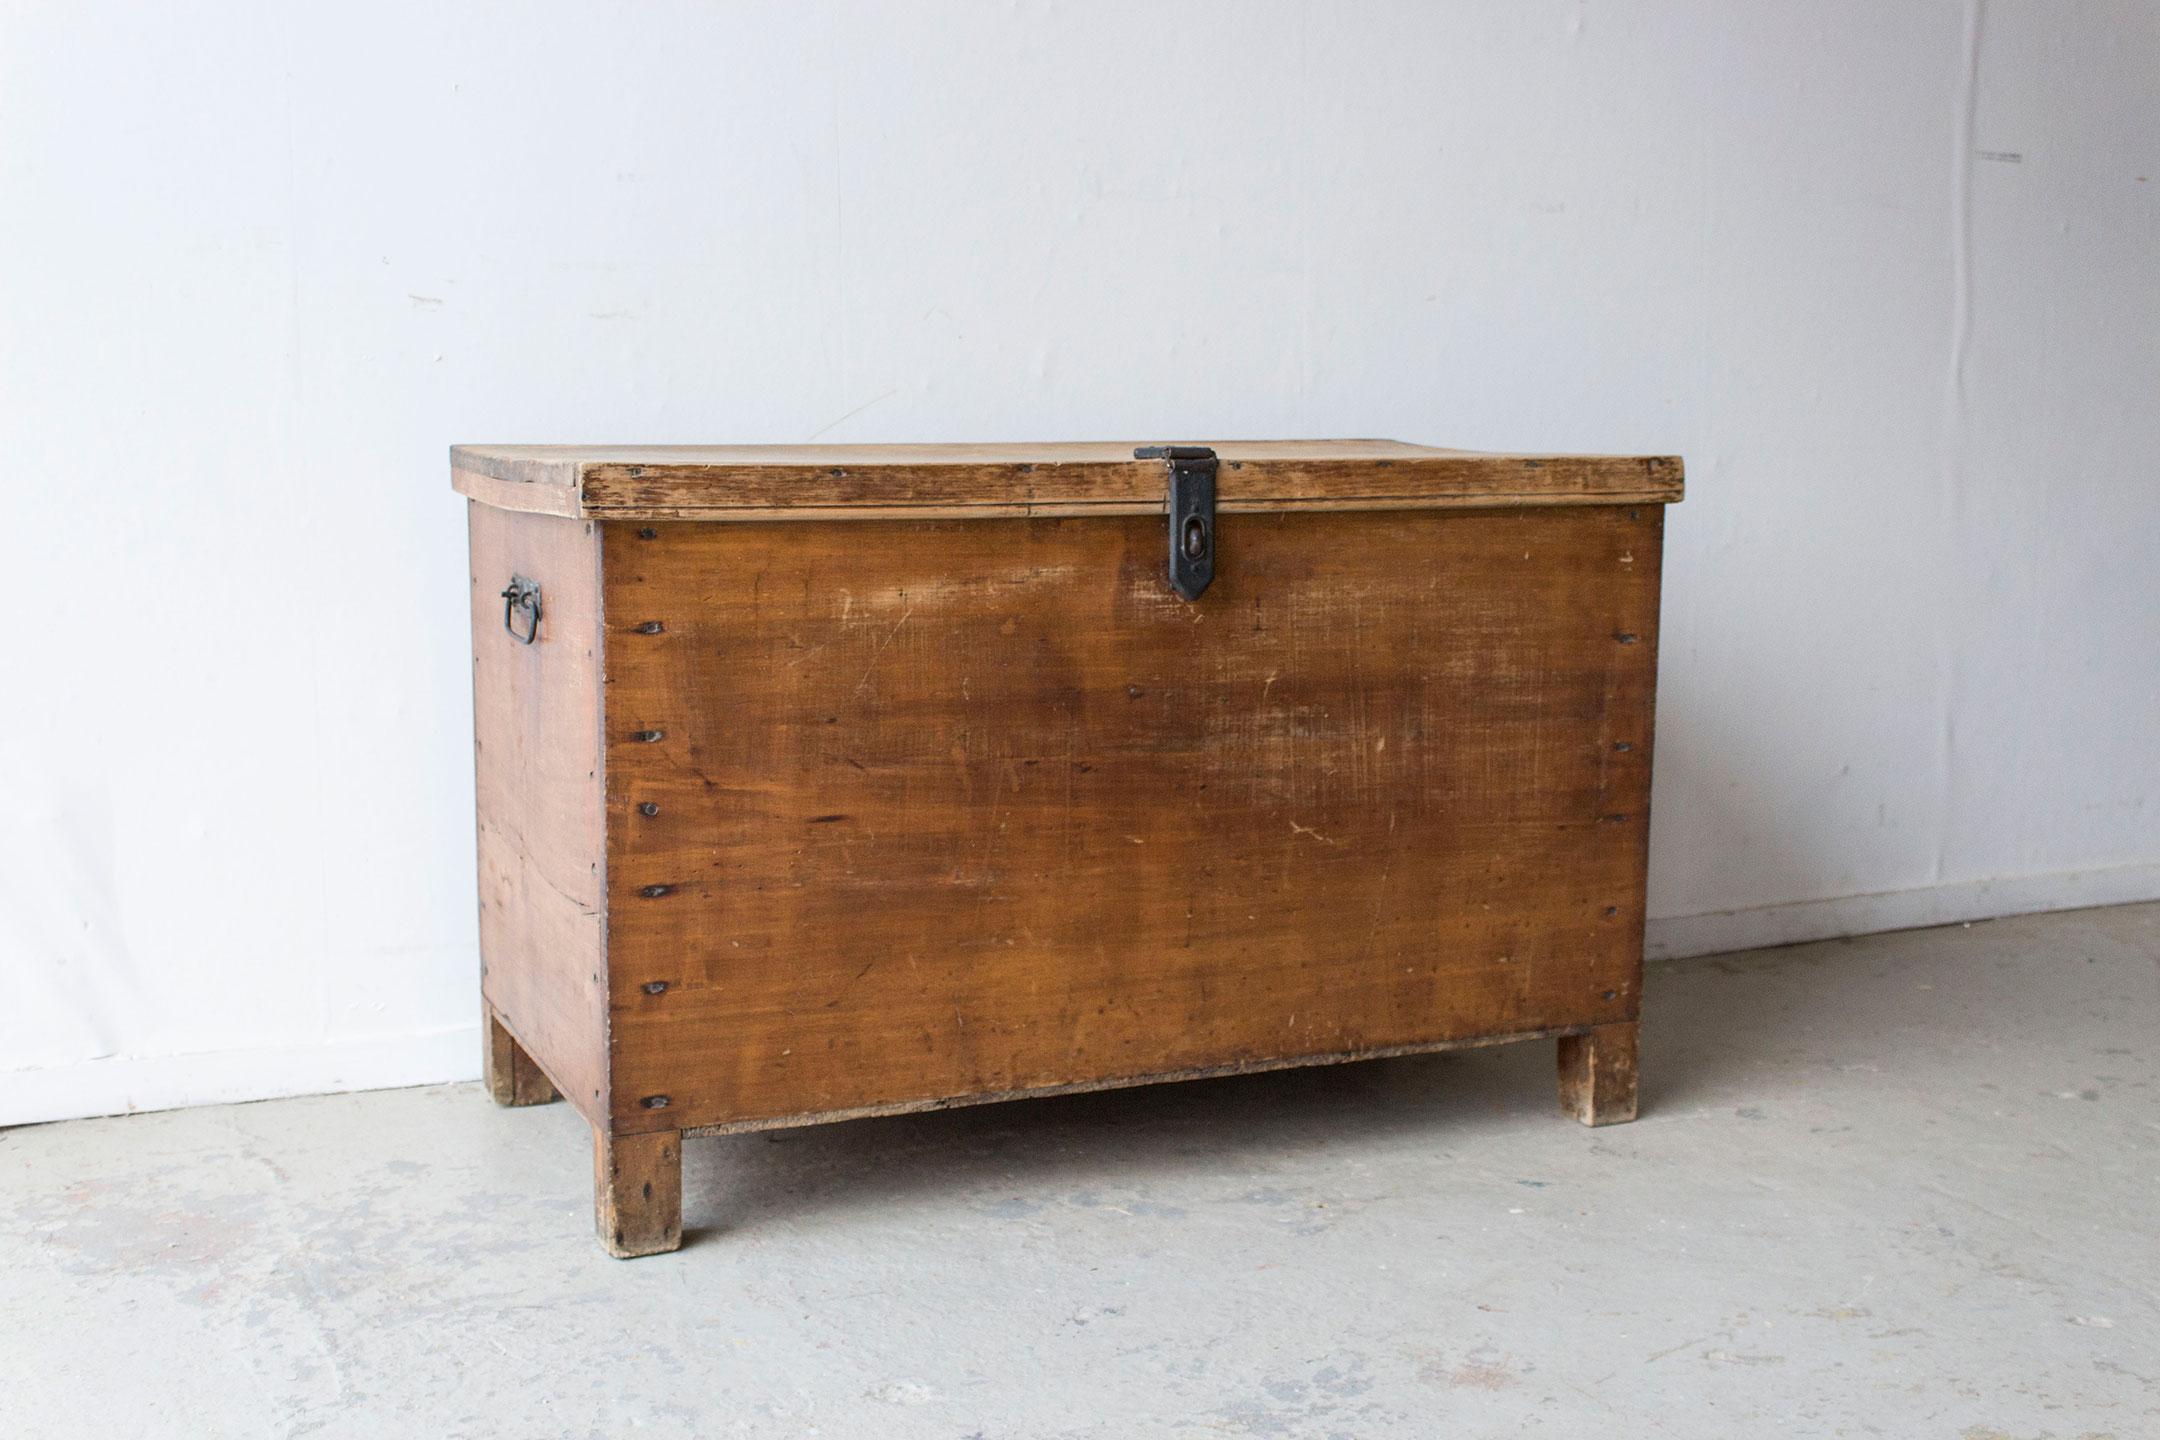 5043---grote-oude-houten-kist---Firma-zoethout_1.jpg